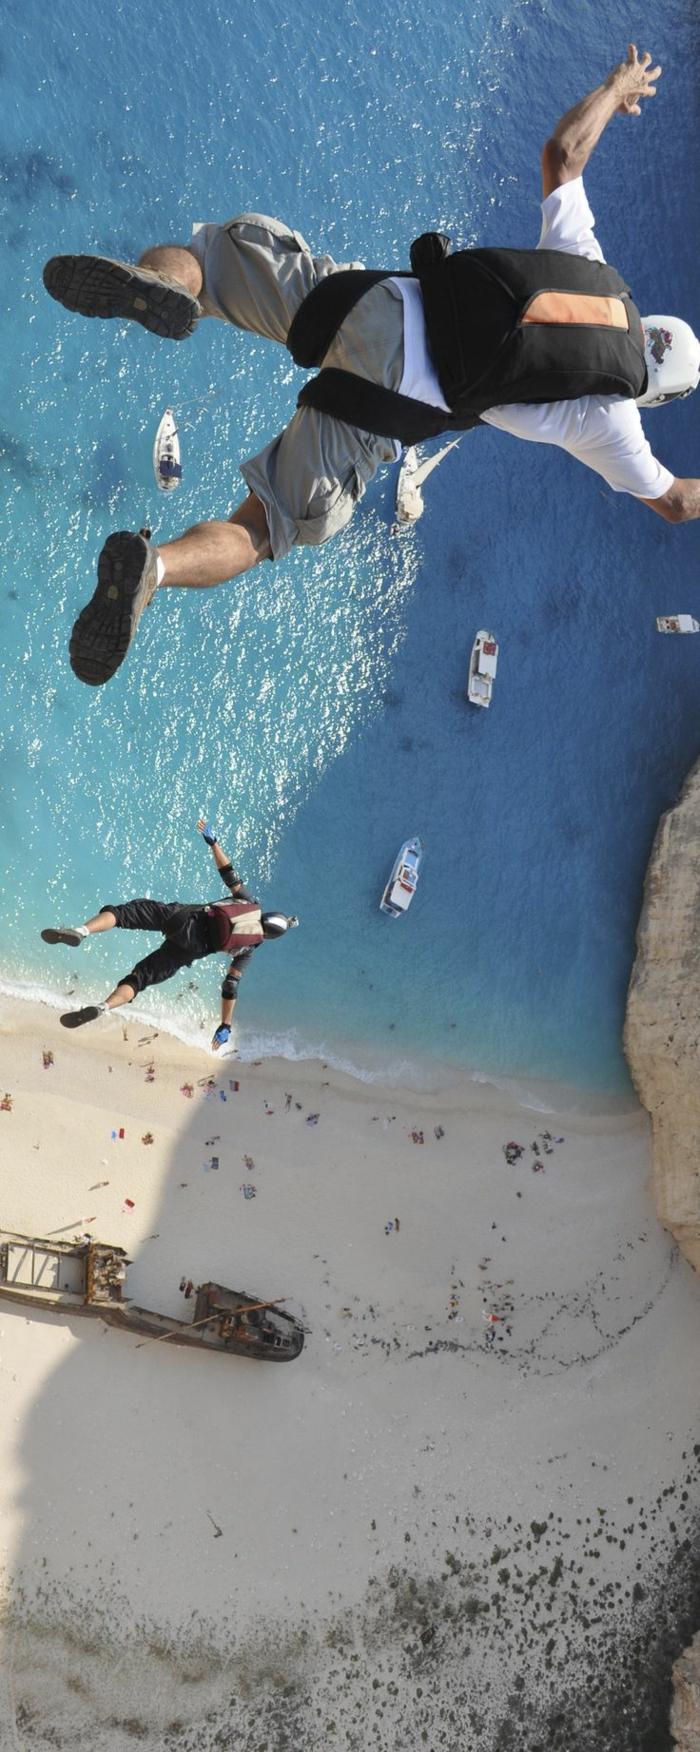 le-saut-parachute-belle-vue-de-l-hauteur-avion-images-plage-sable